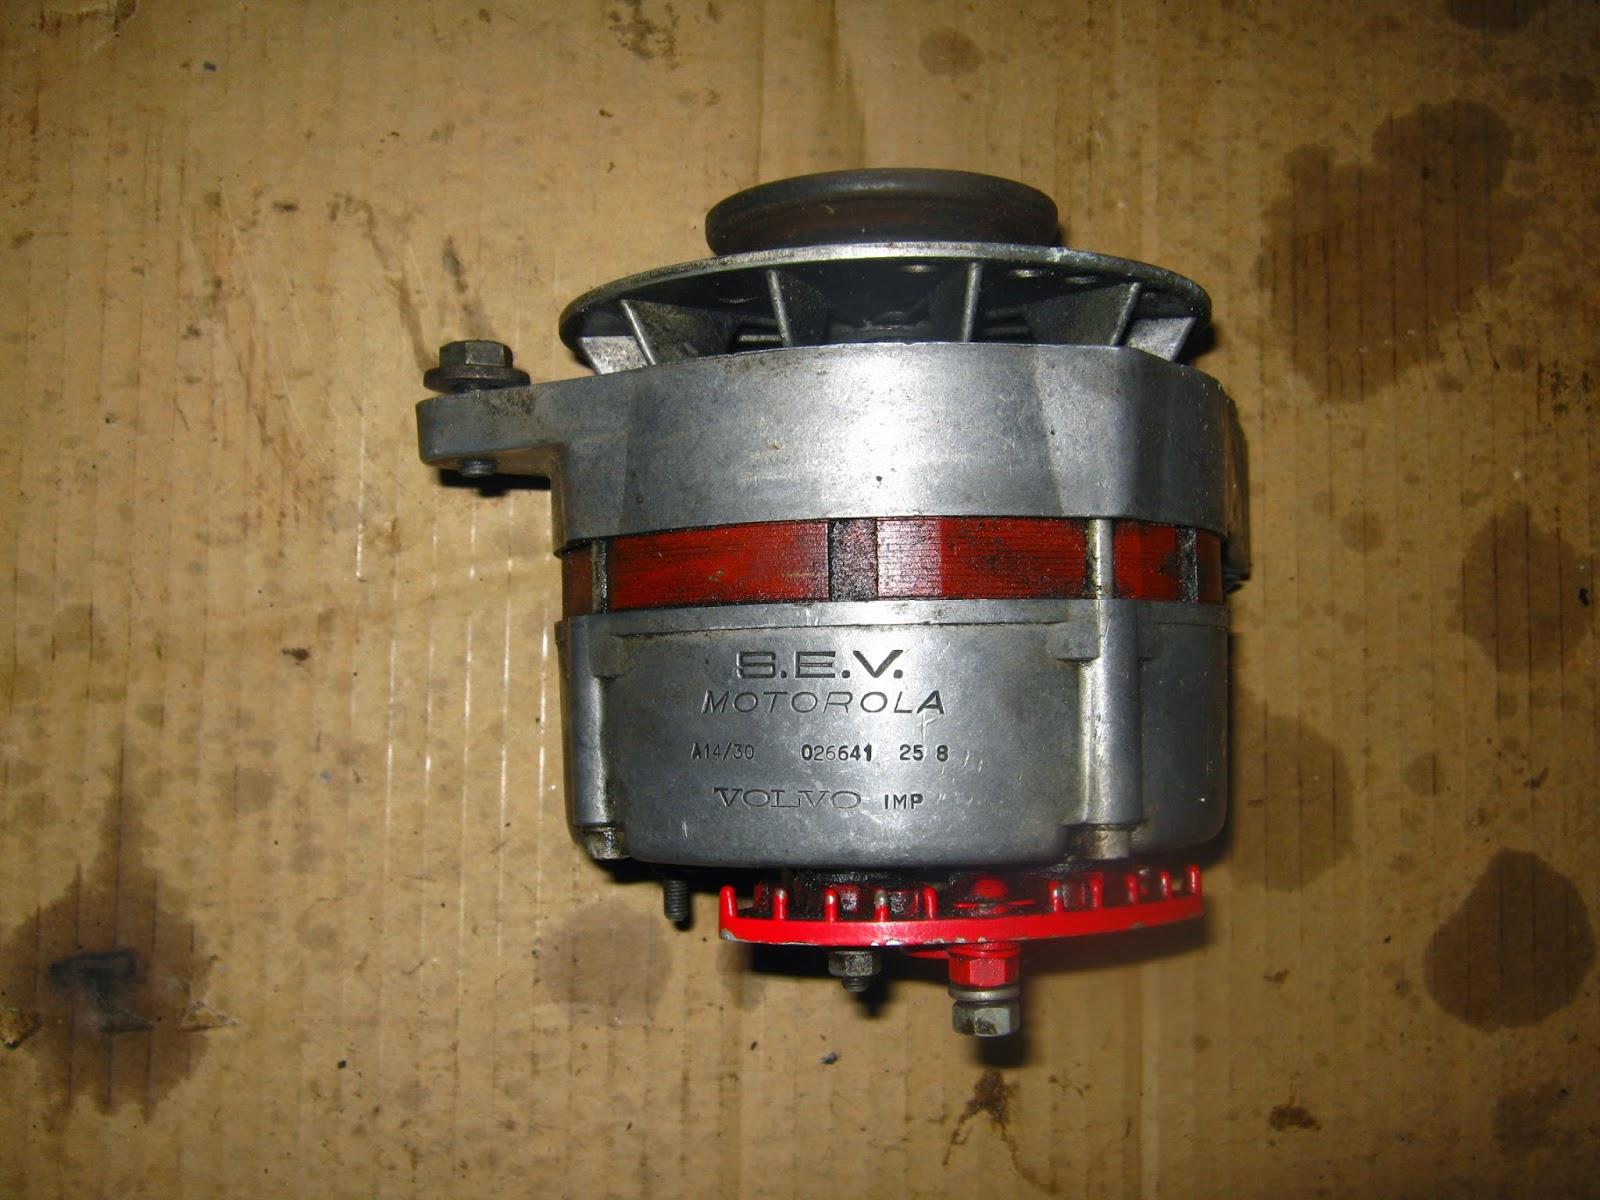 motorola alternator wiring diagram [ 1600 x 1200 Pixel ]